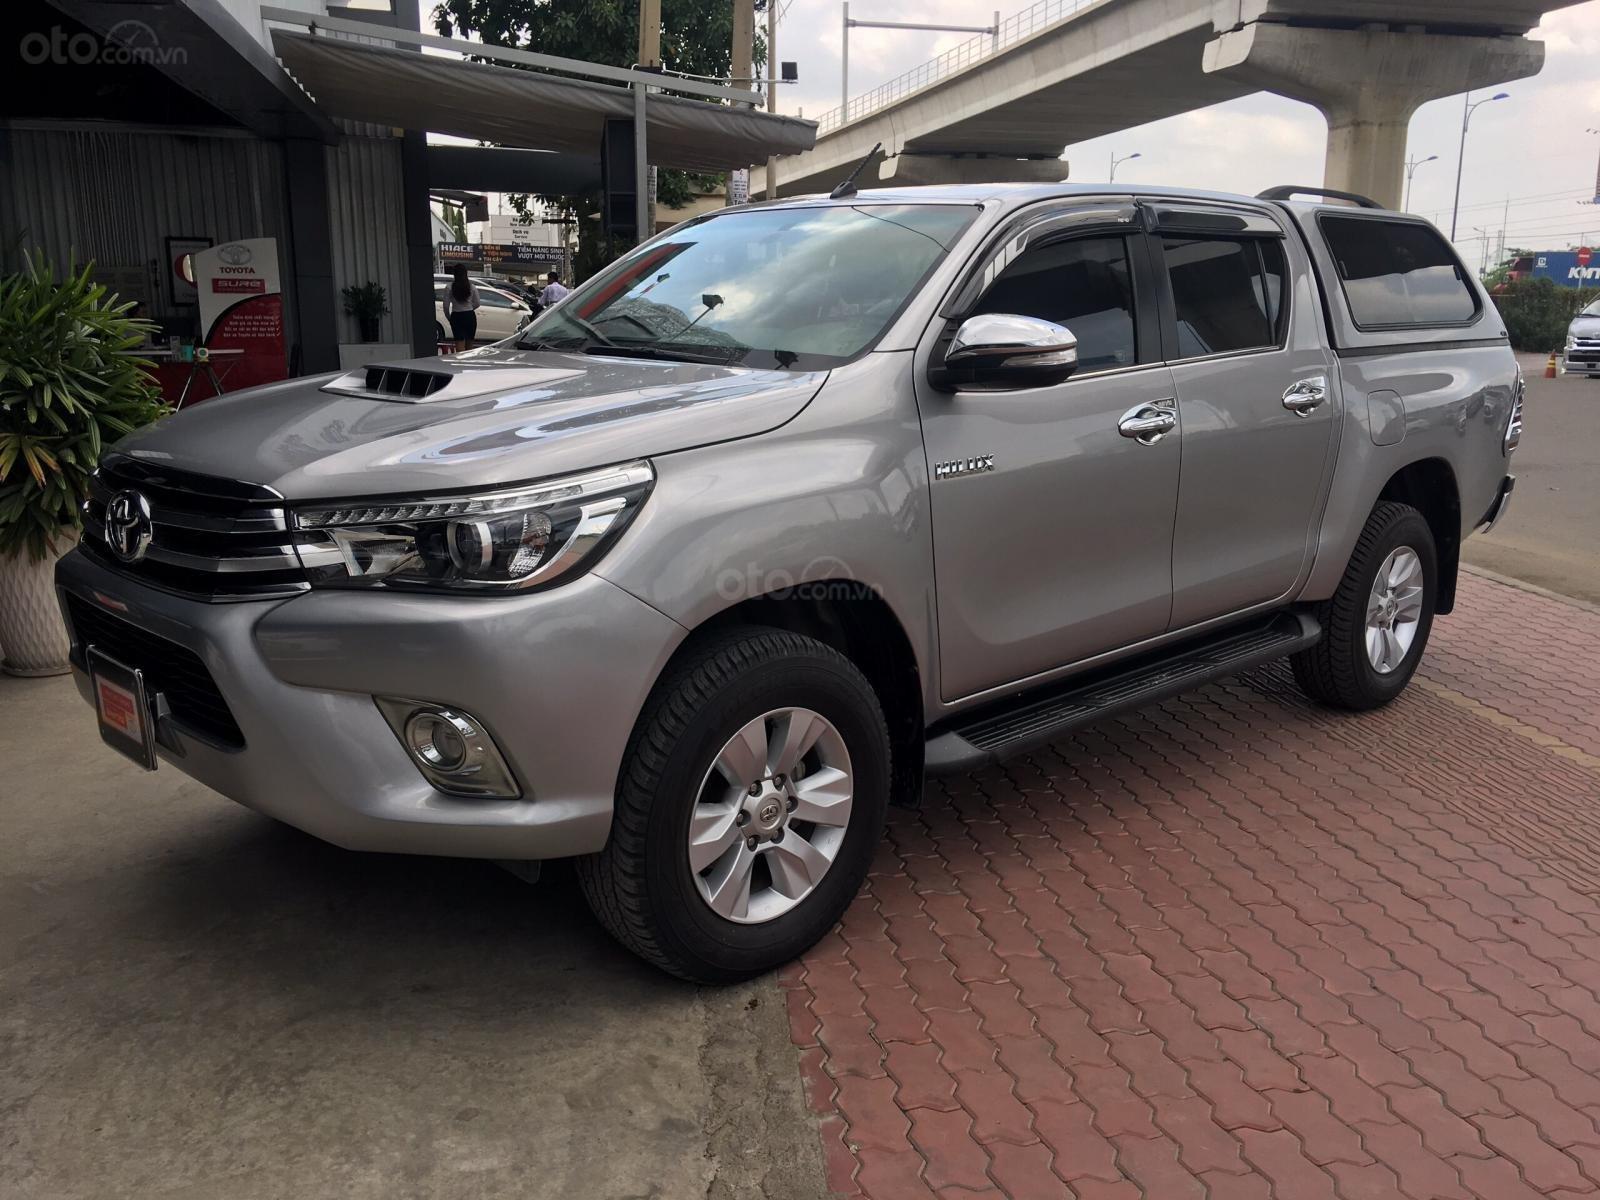 Bán gấp Toyota Hilux 3.0G 4x4 AT đời 2016, màu bạc, xe nhập-6